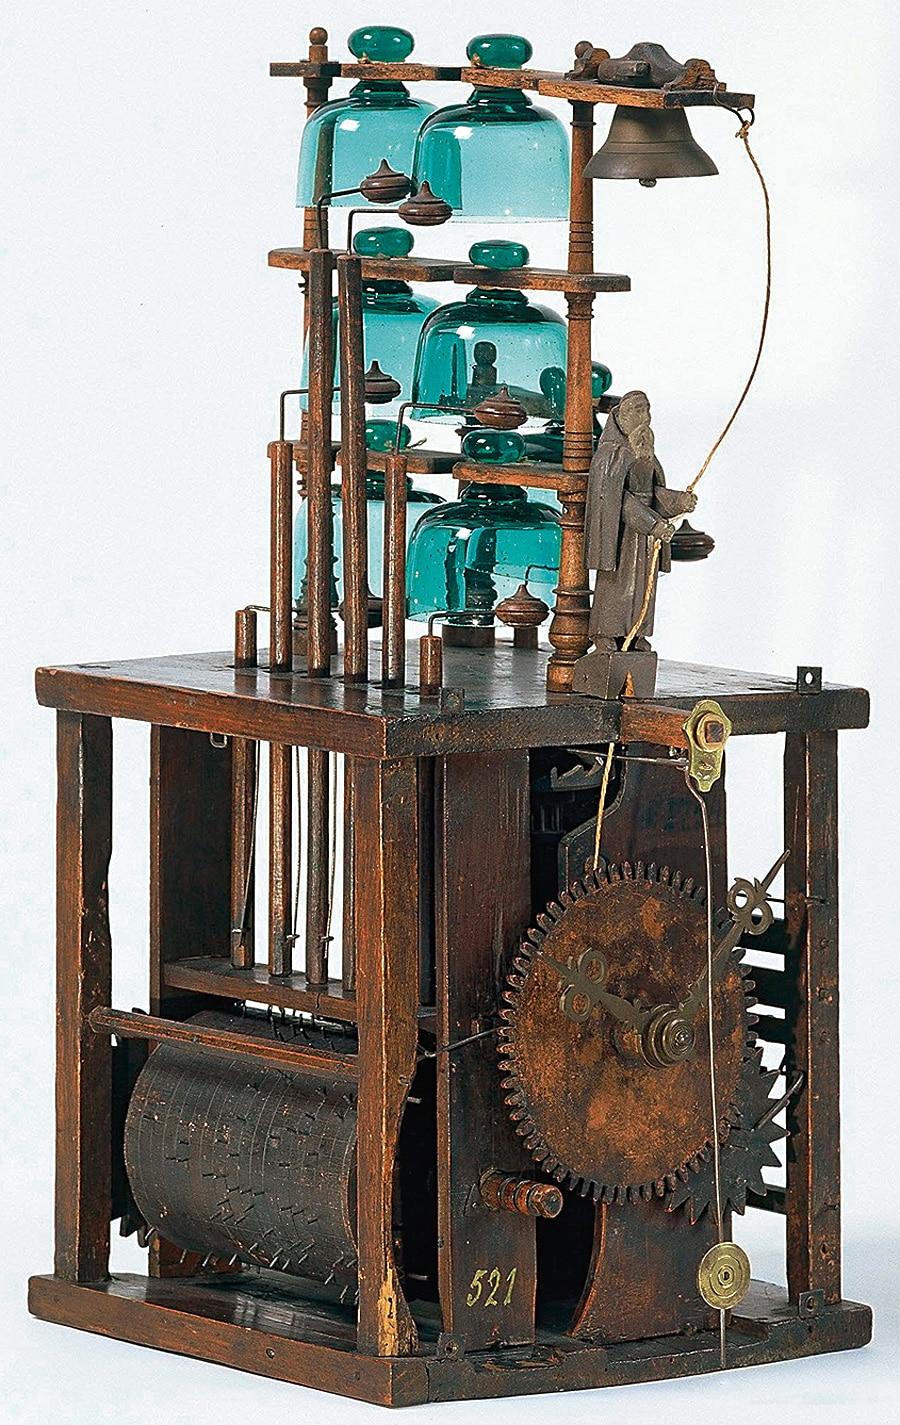 Frühe Musikuhr: Über ein Spielwerk mit Stiftenwalze werden die sechs Glasglocken angeschlagen. Die Mönchsfigur läutet zur Gebetszeit eine Metallglocke. Wohl von Johann Wehrle, Neukirch, um 1770